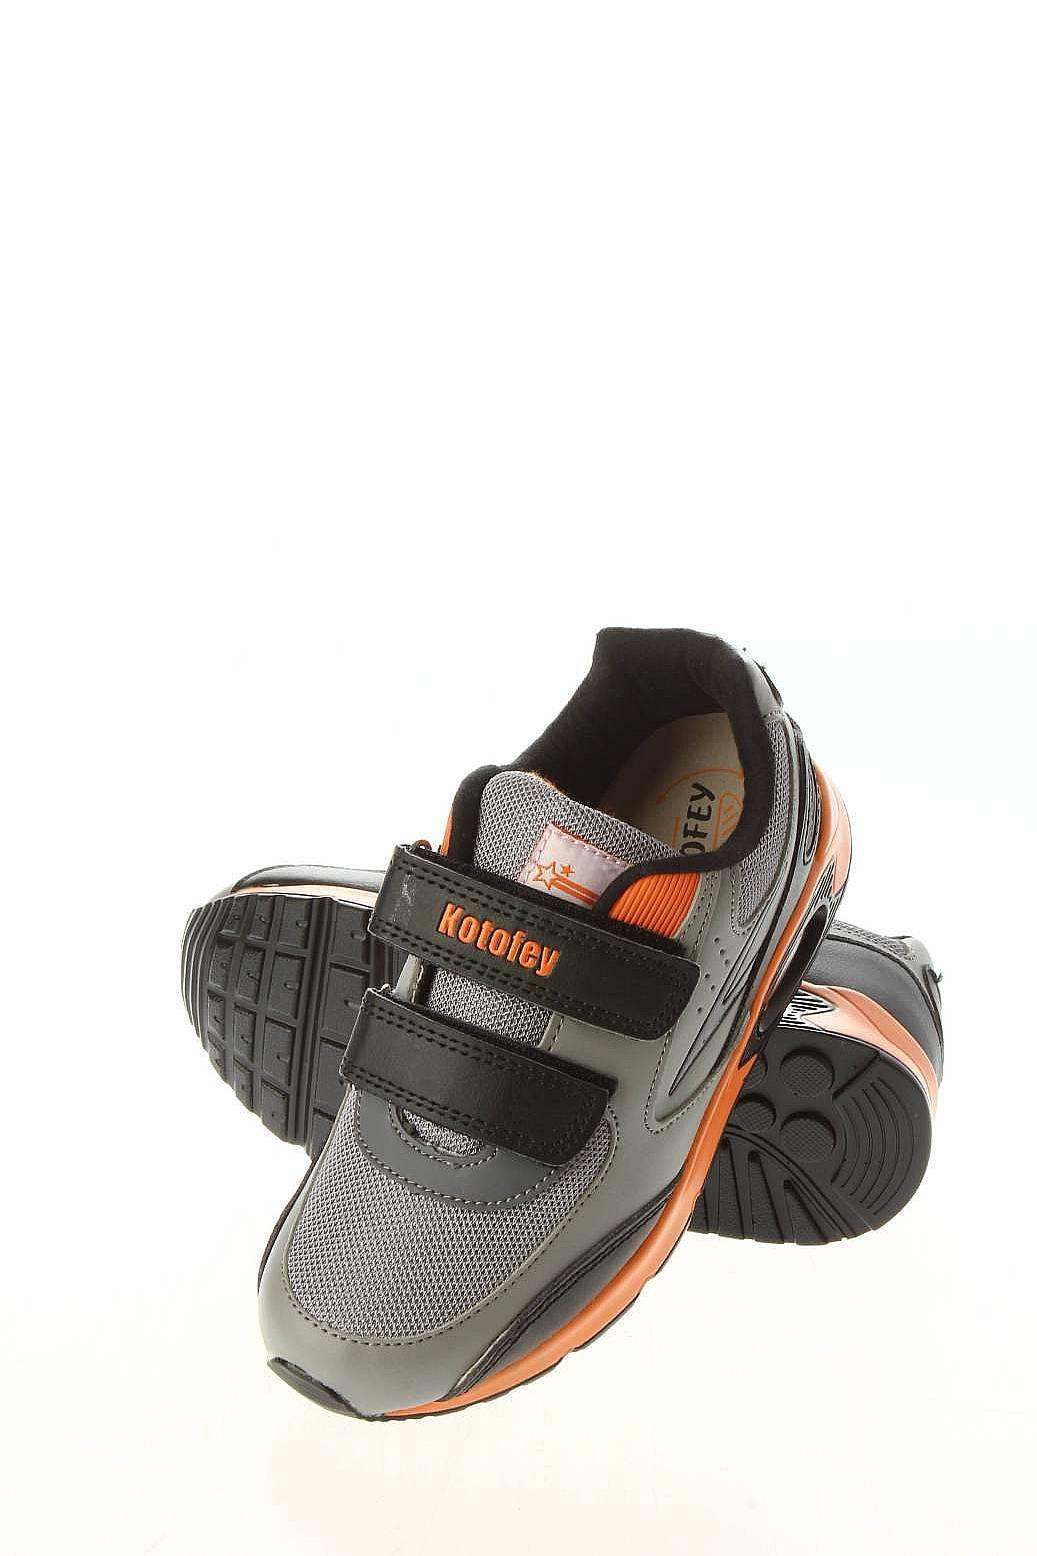 Мужская Обувь Детская Обувь Кроссовки: Котофей Обувь